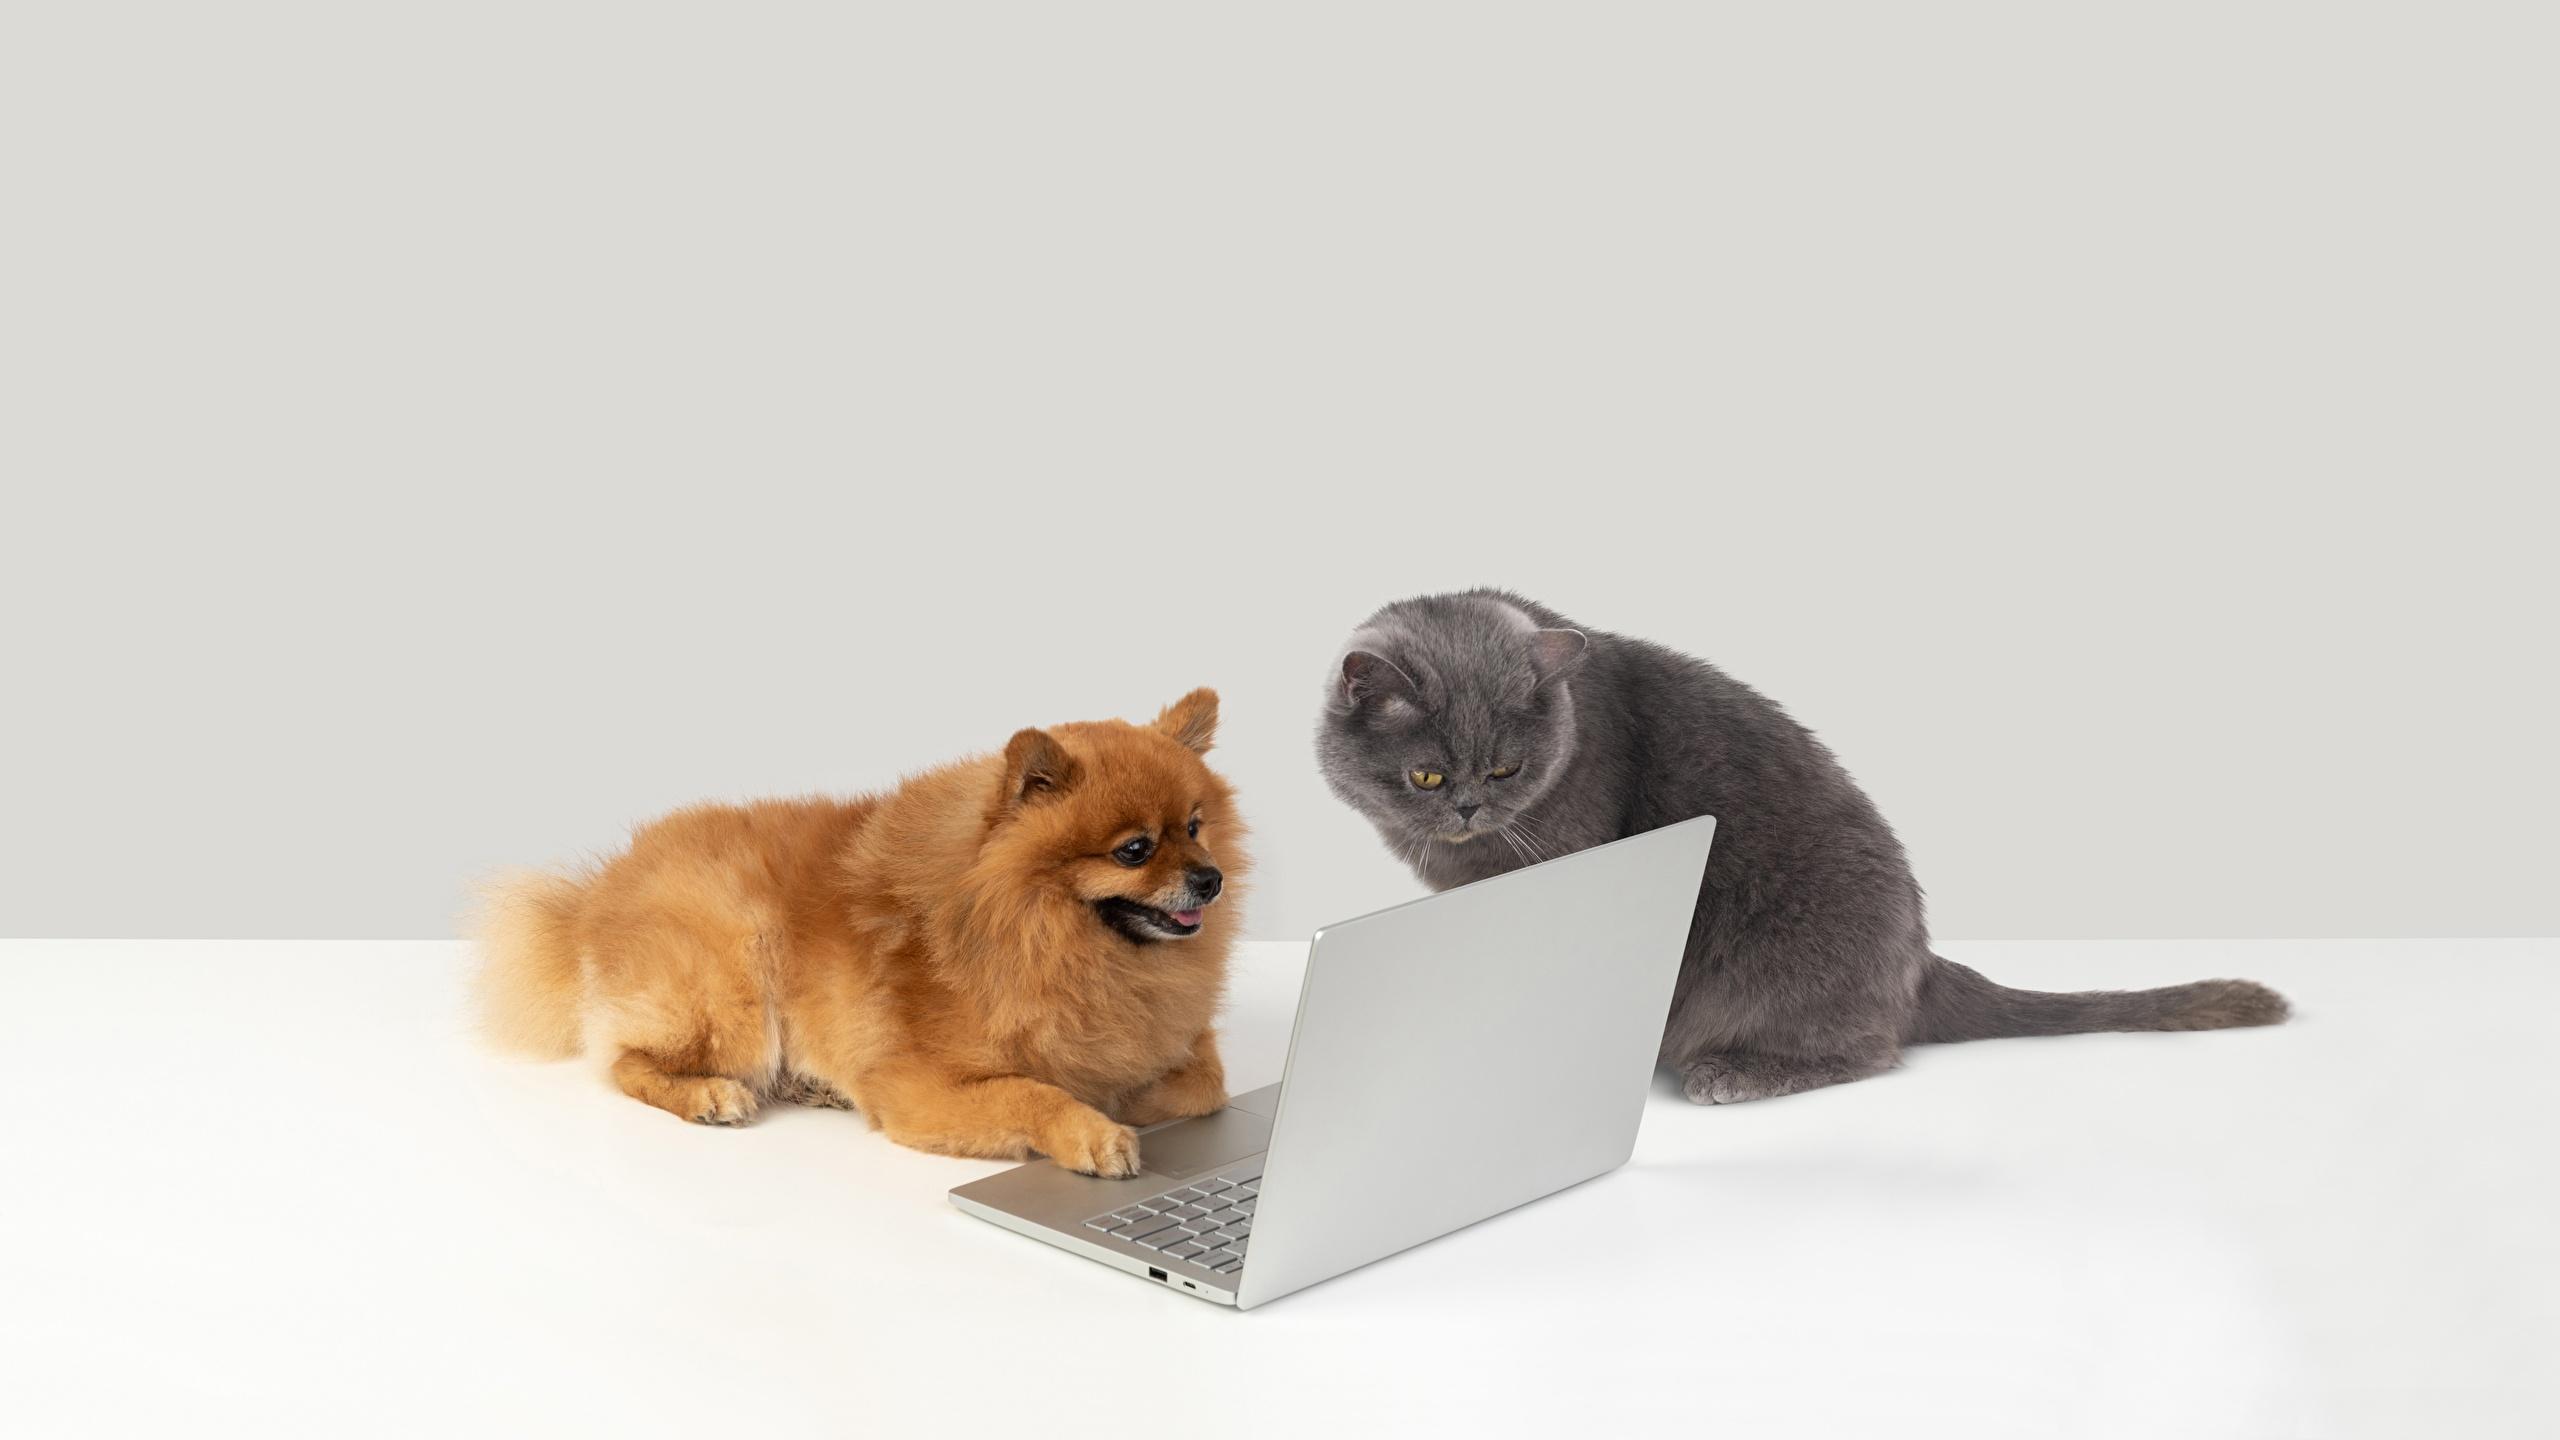 【ホビカン】犬と猫とパソコンからのネットの反応